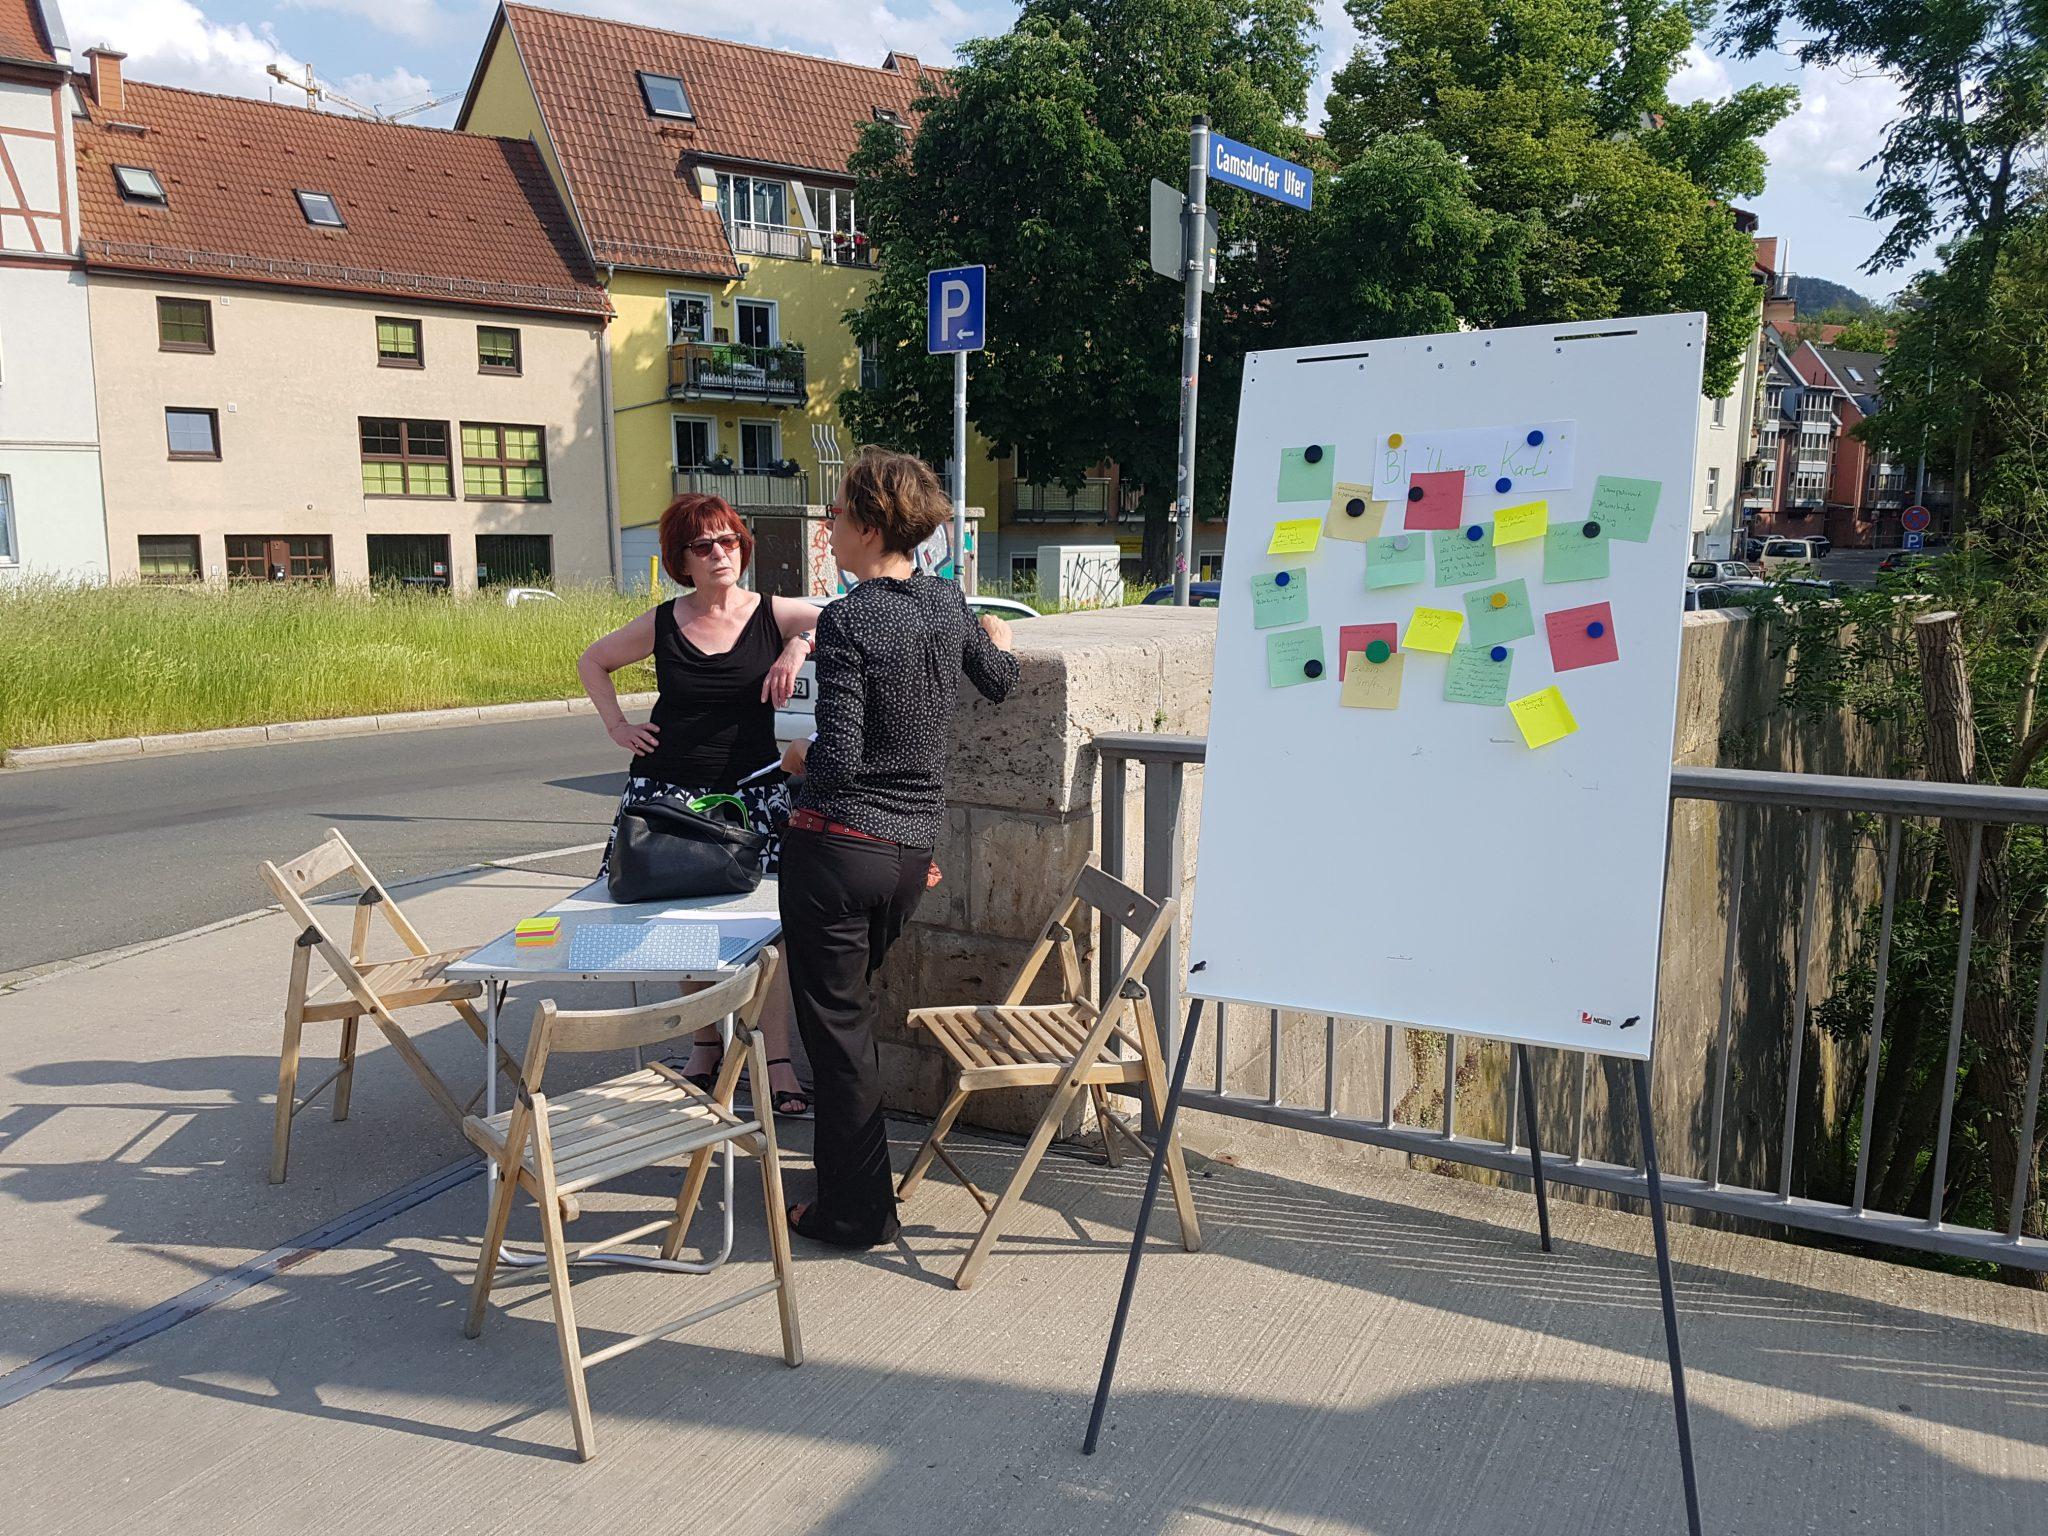 Kreuzung Camsdorfer Brücke:  Der tägliche Wahnsinn – Bürgerinitiative befragt Passant*innen